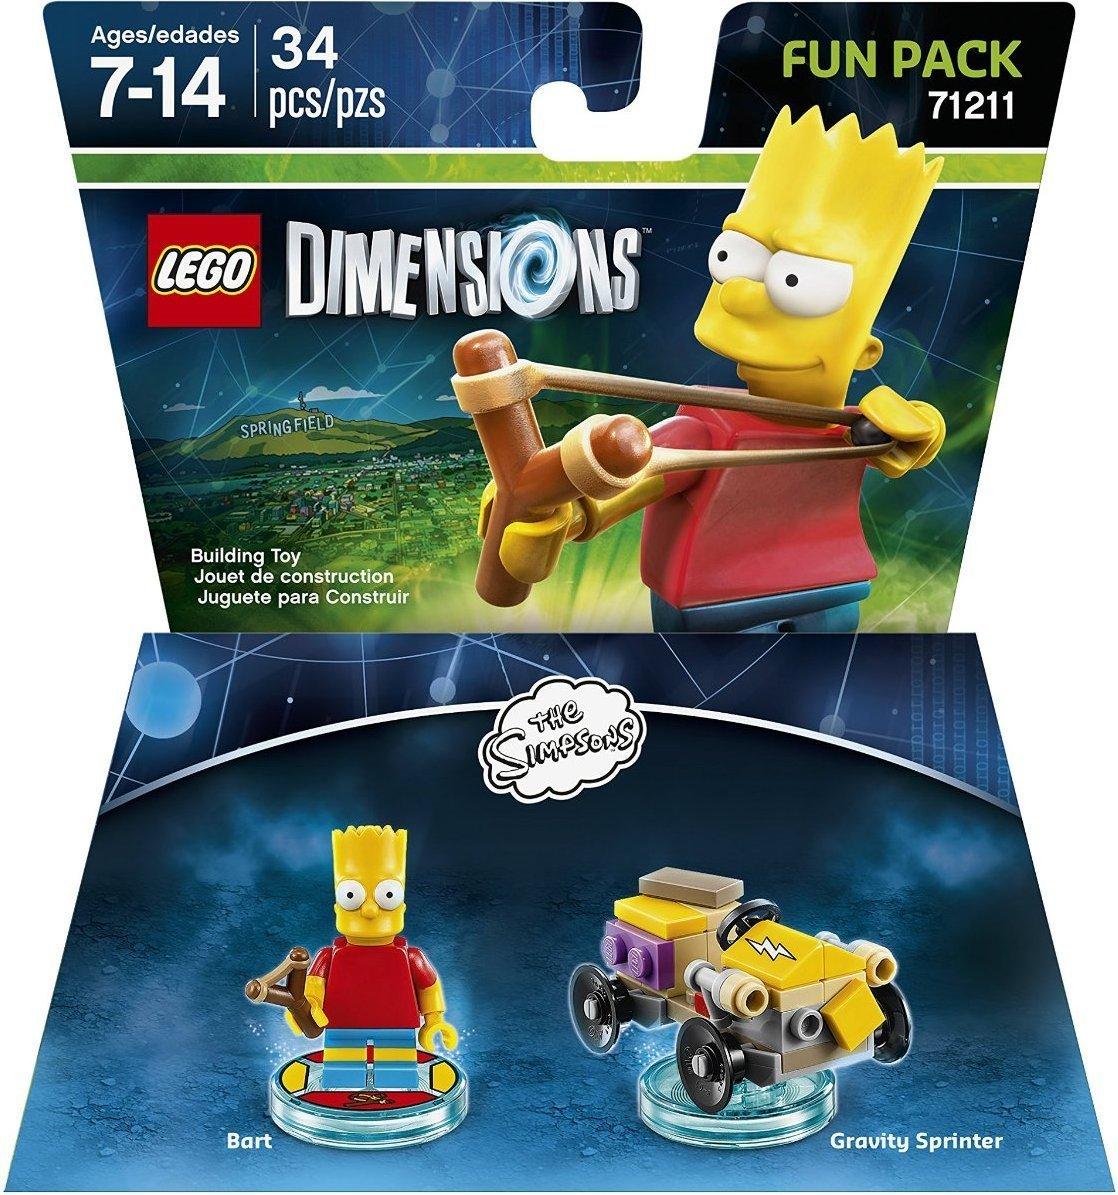 Amazon: Oferton del dia, Bart Y Krusty Lego Dimension a $39 pesos, DOS DOLARES!! yeah (gracias gobierno)